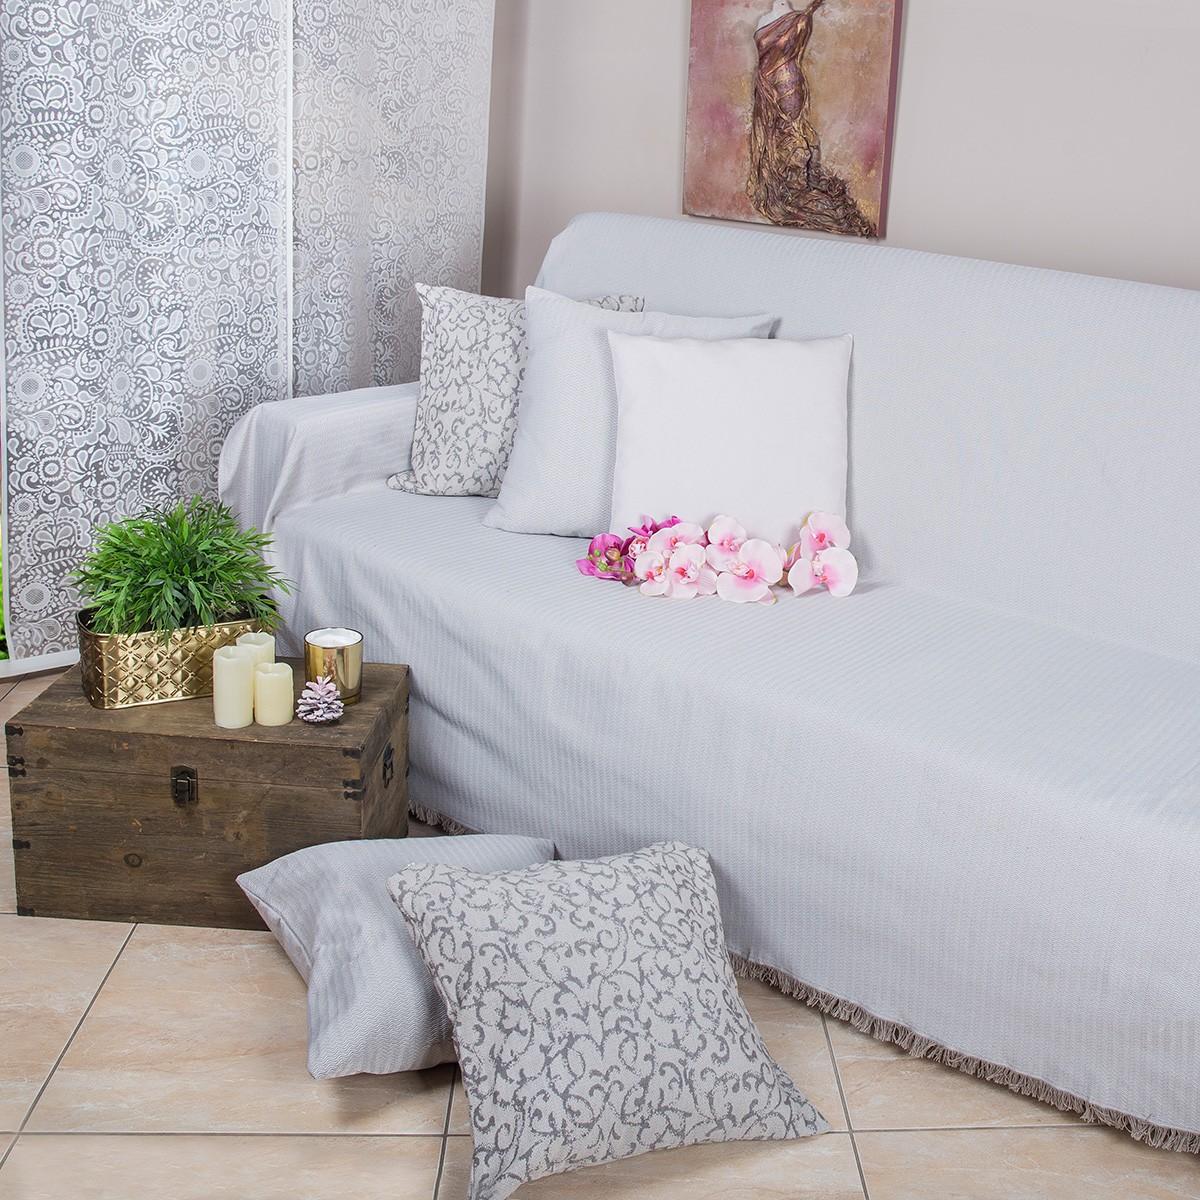 Ριχτάρι Πολυθρόνας (180x180) Loom To Room Chevron Beige home   σαλόνι   ριχτάρια καναπέ